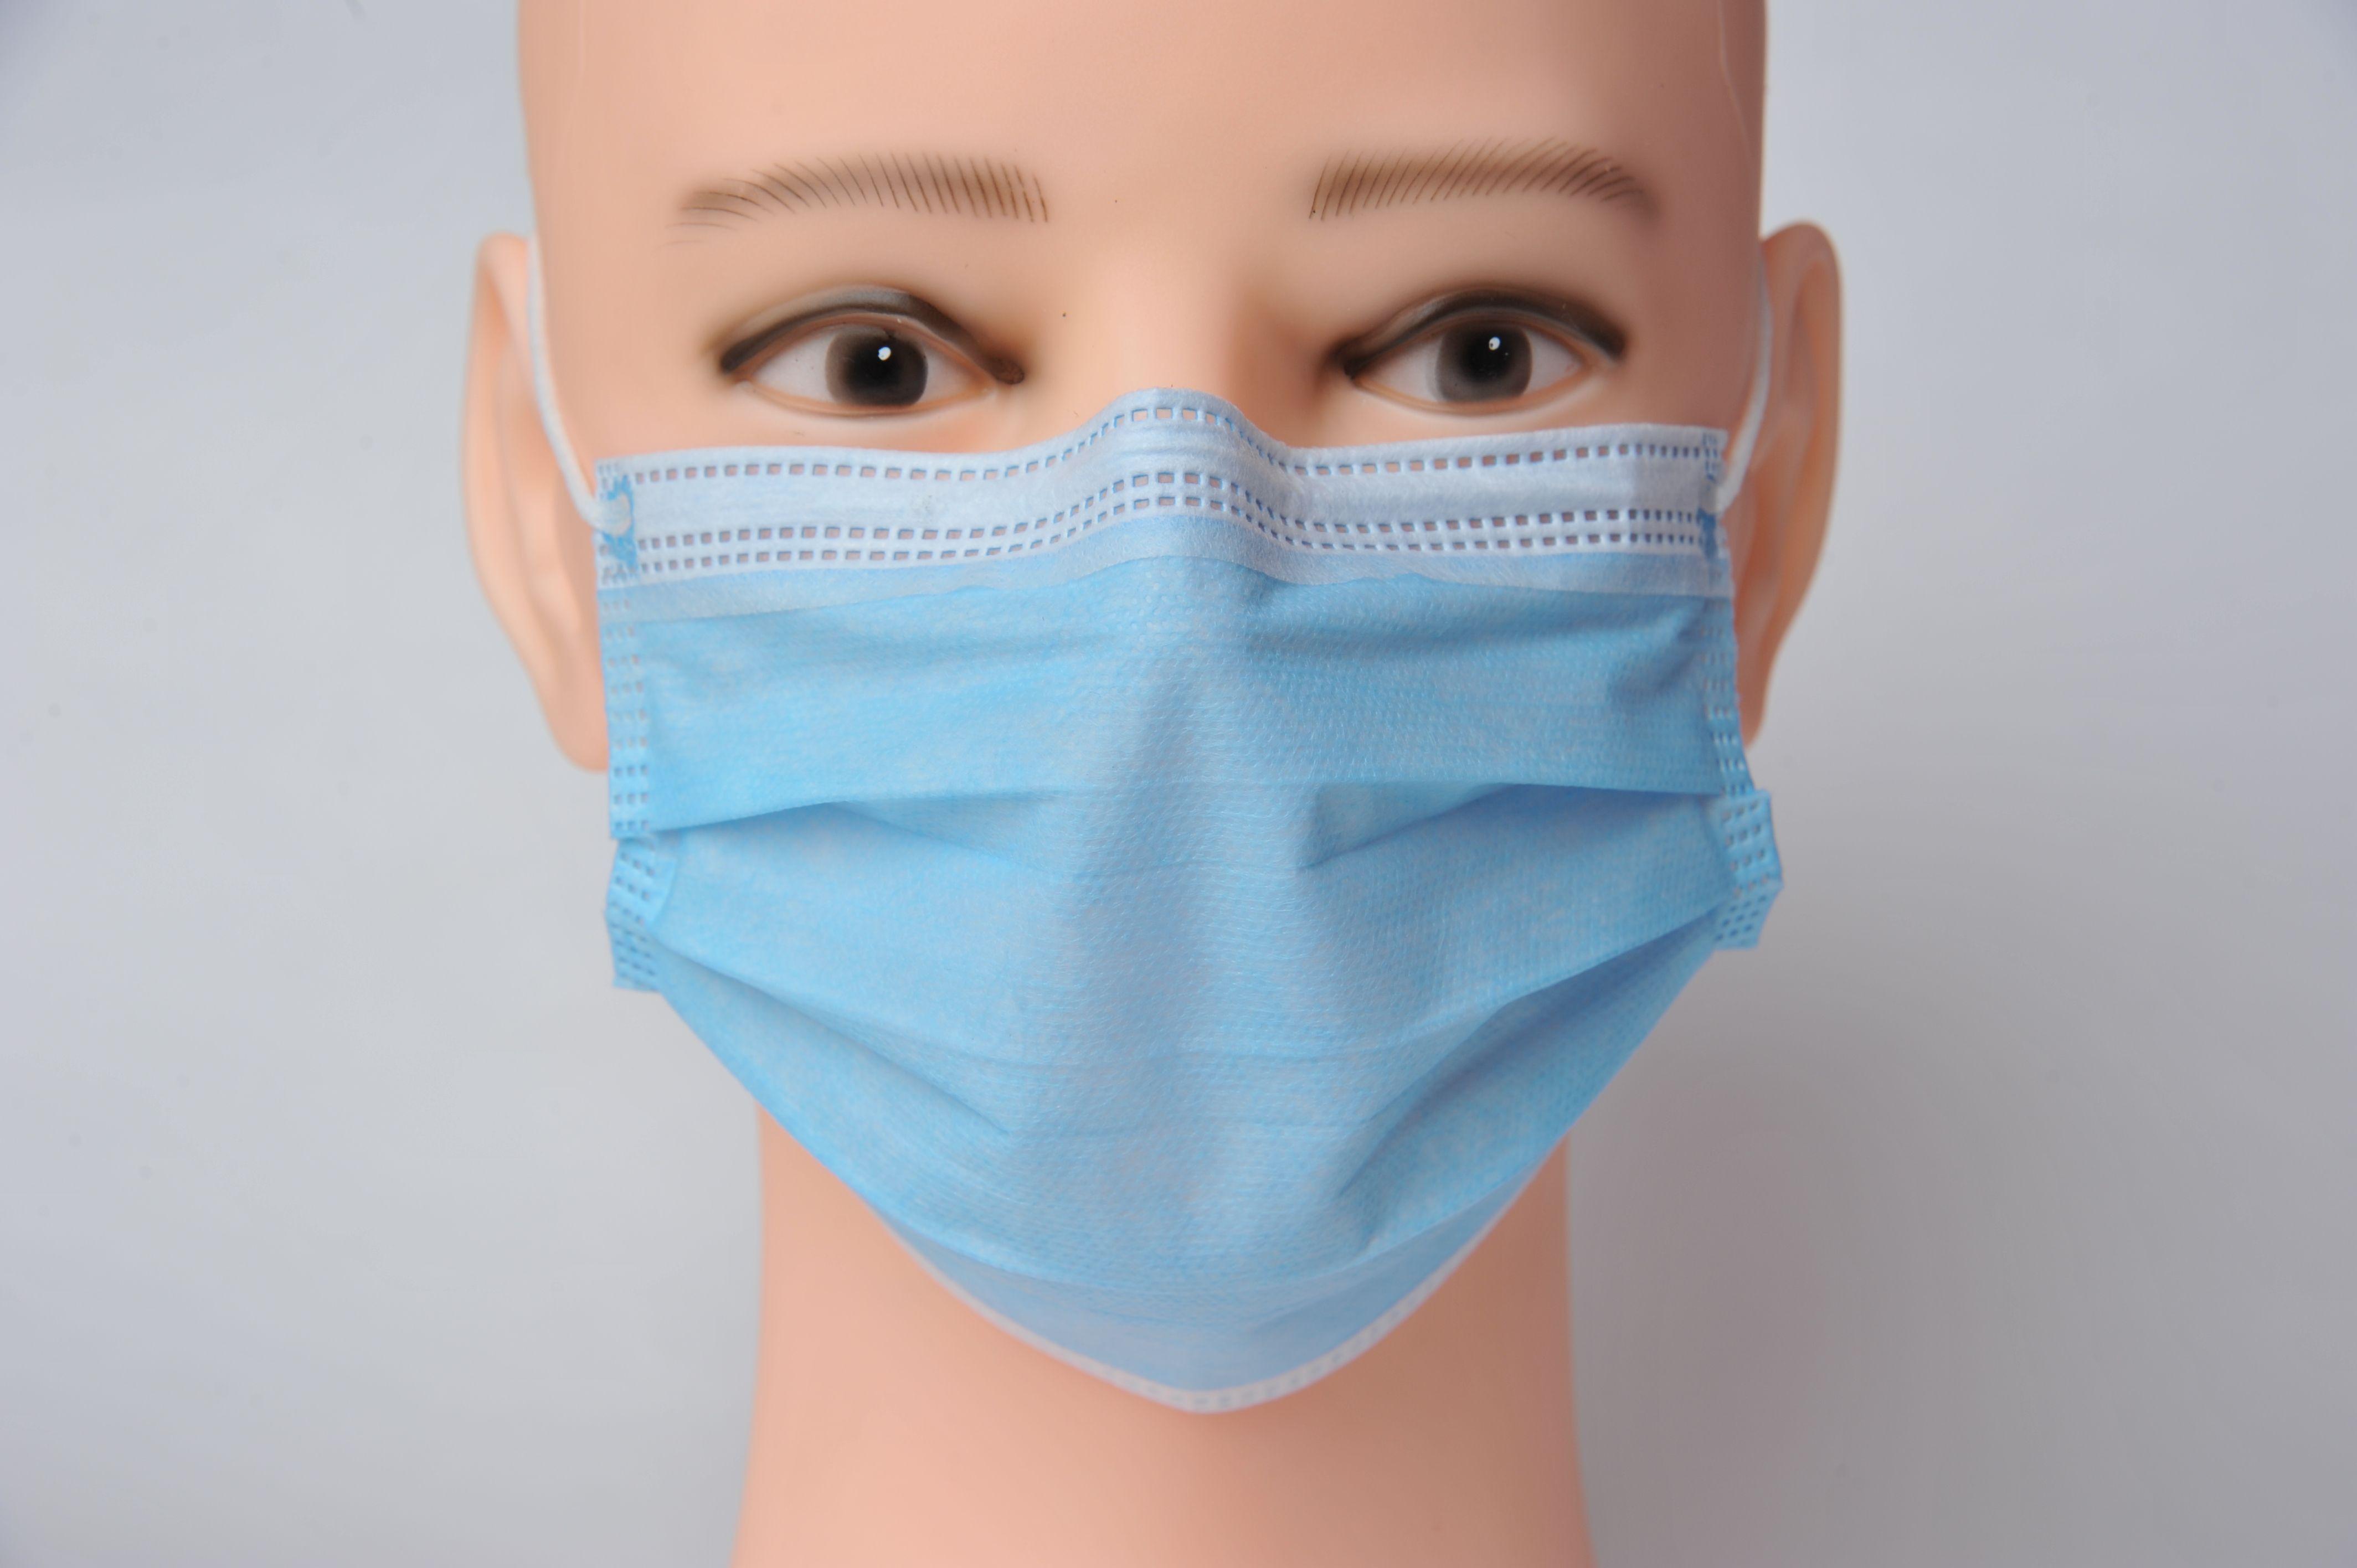 Máscara de protección rápida ¡Bloqueo grande anti-contaminación! Con acciones desechables 3-7 Polvo polvo transpirable elástico 3 para UPS Entrega Oreja EIJM